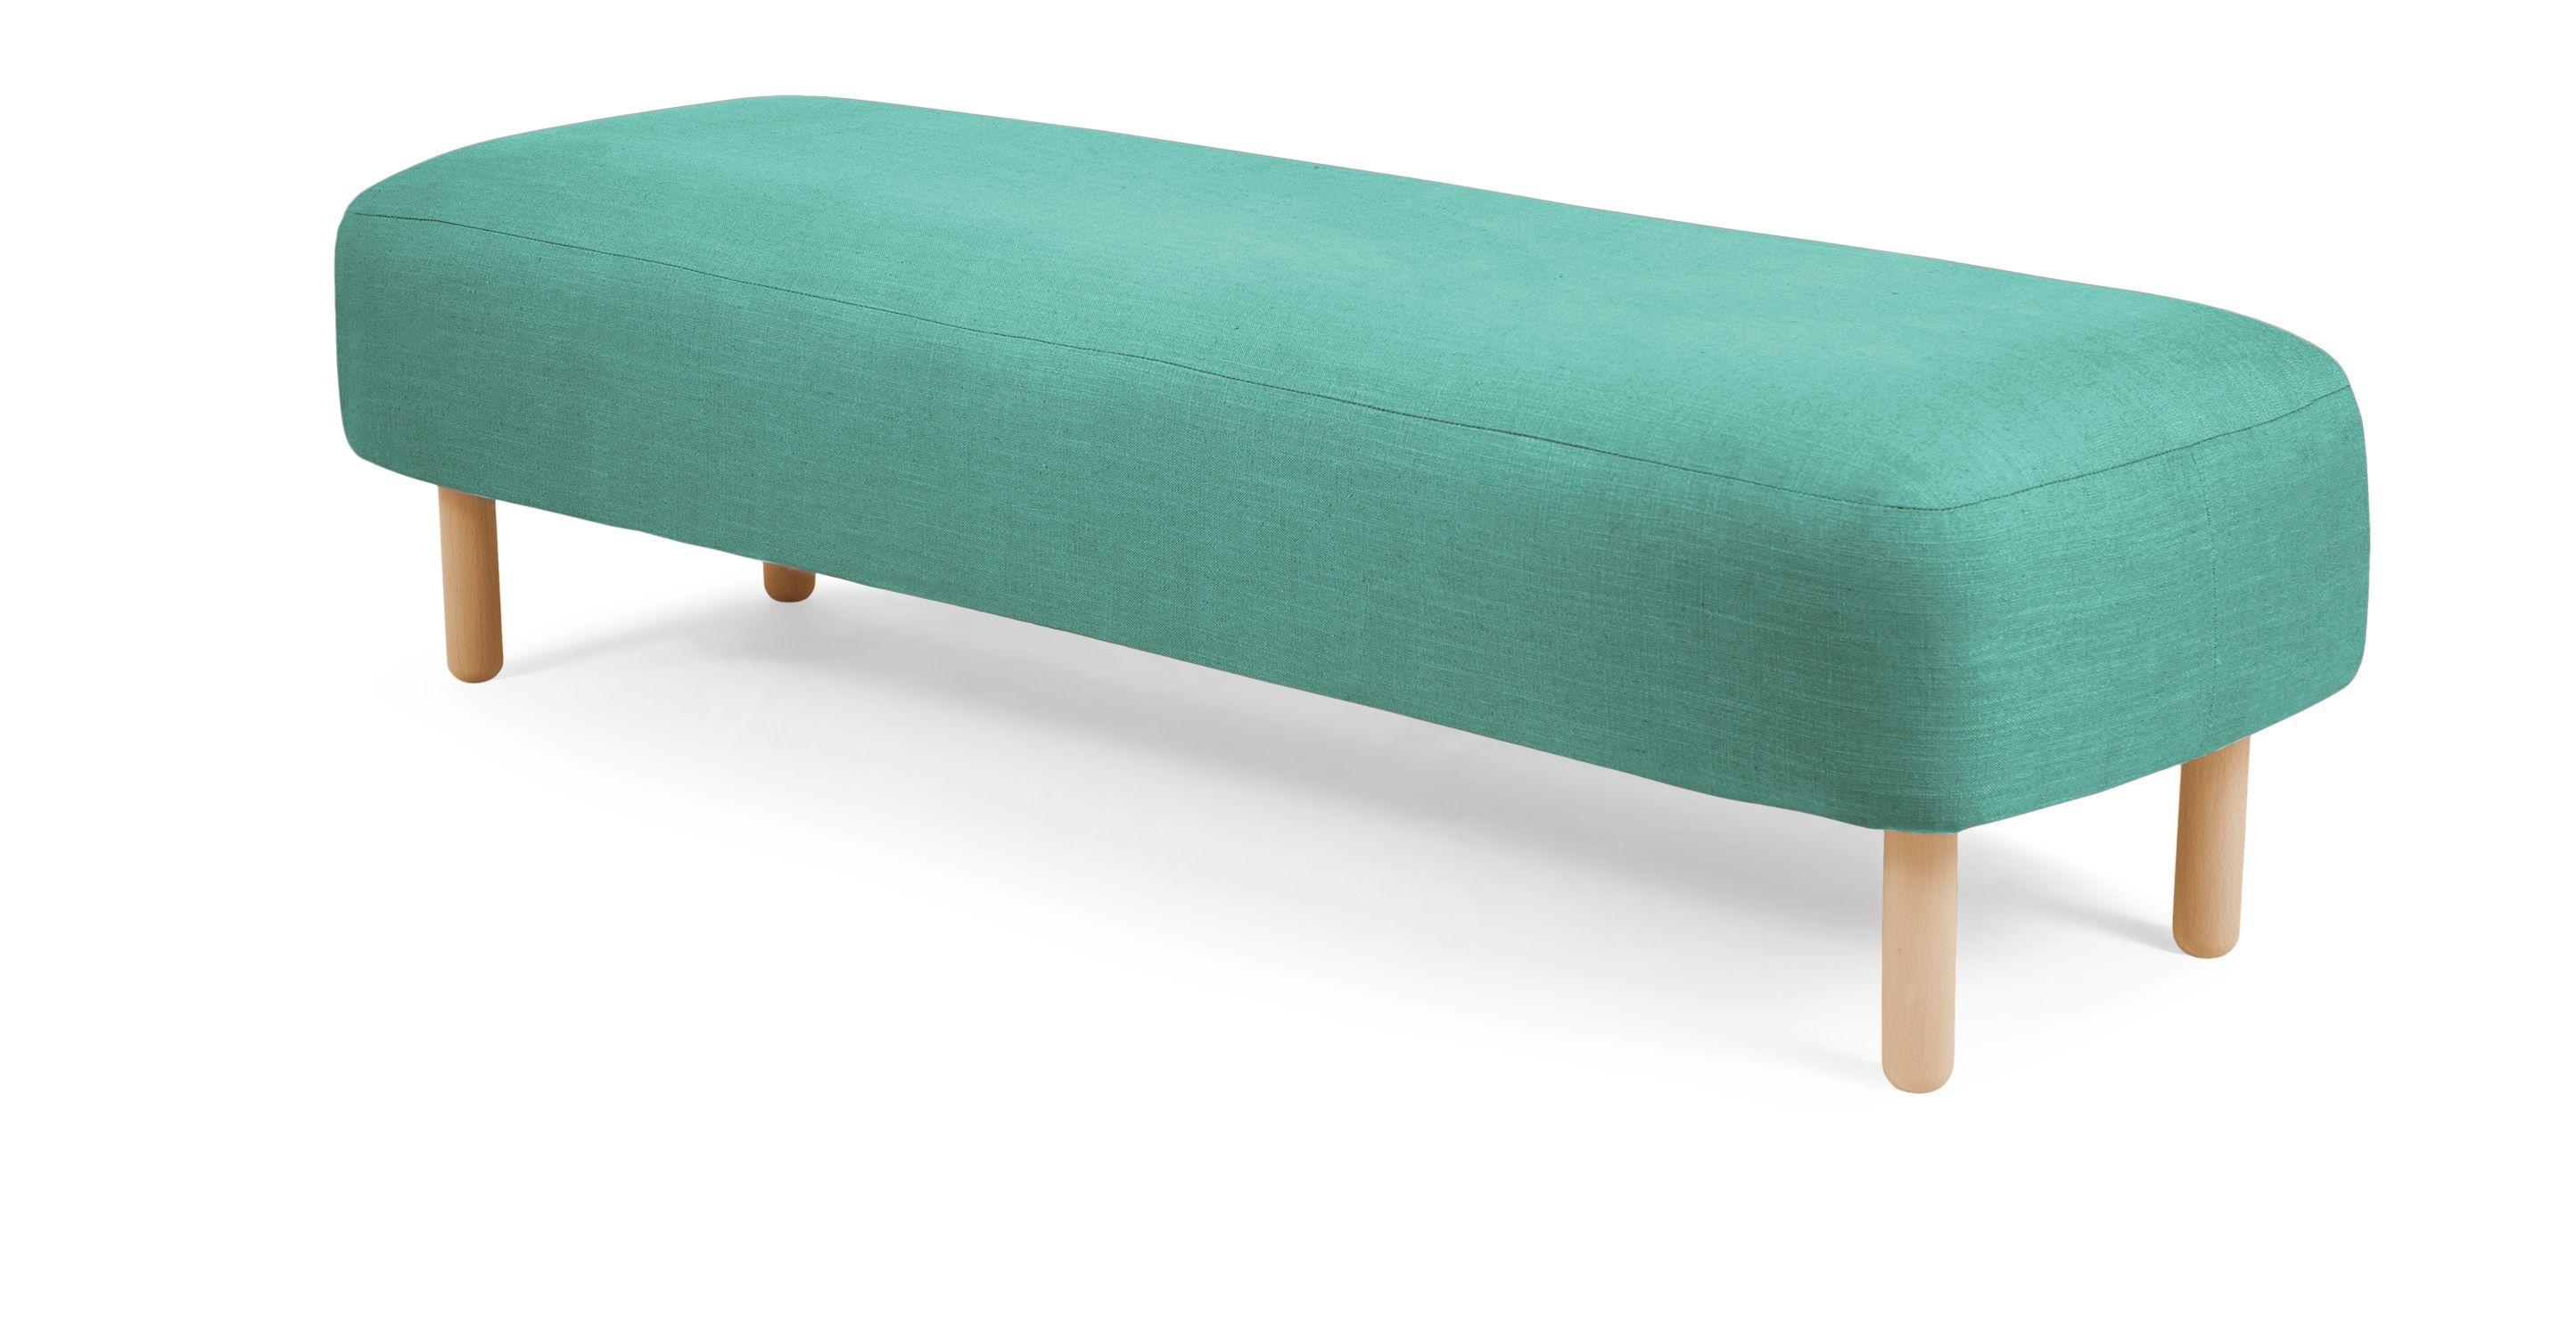 Jonah Upholstered Bench Med Blue Upholstered Bench Upholster Bench Cushions